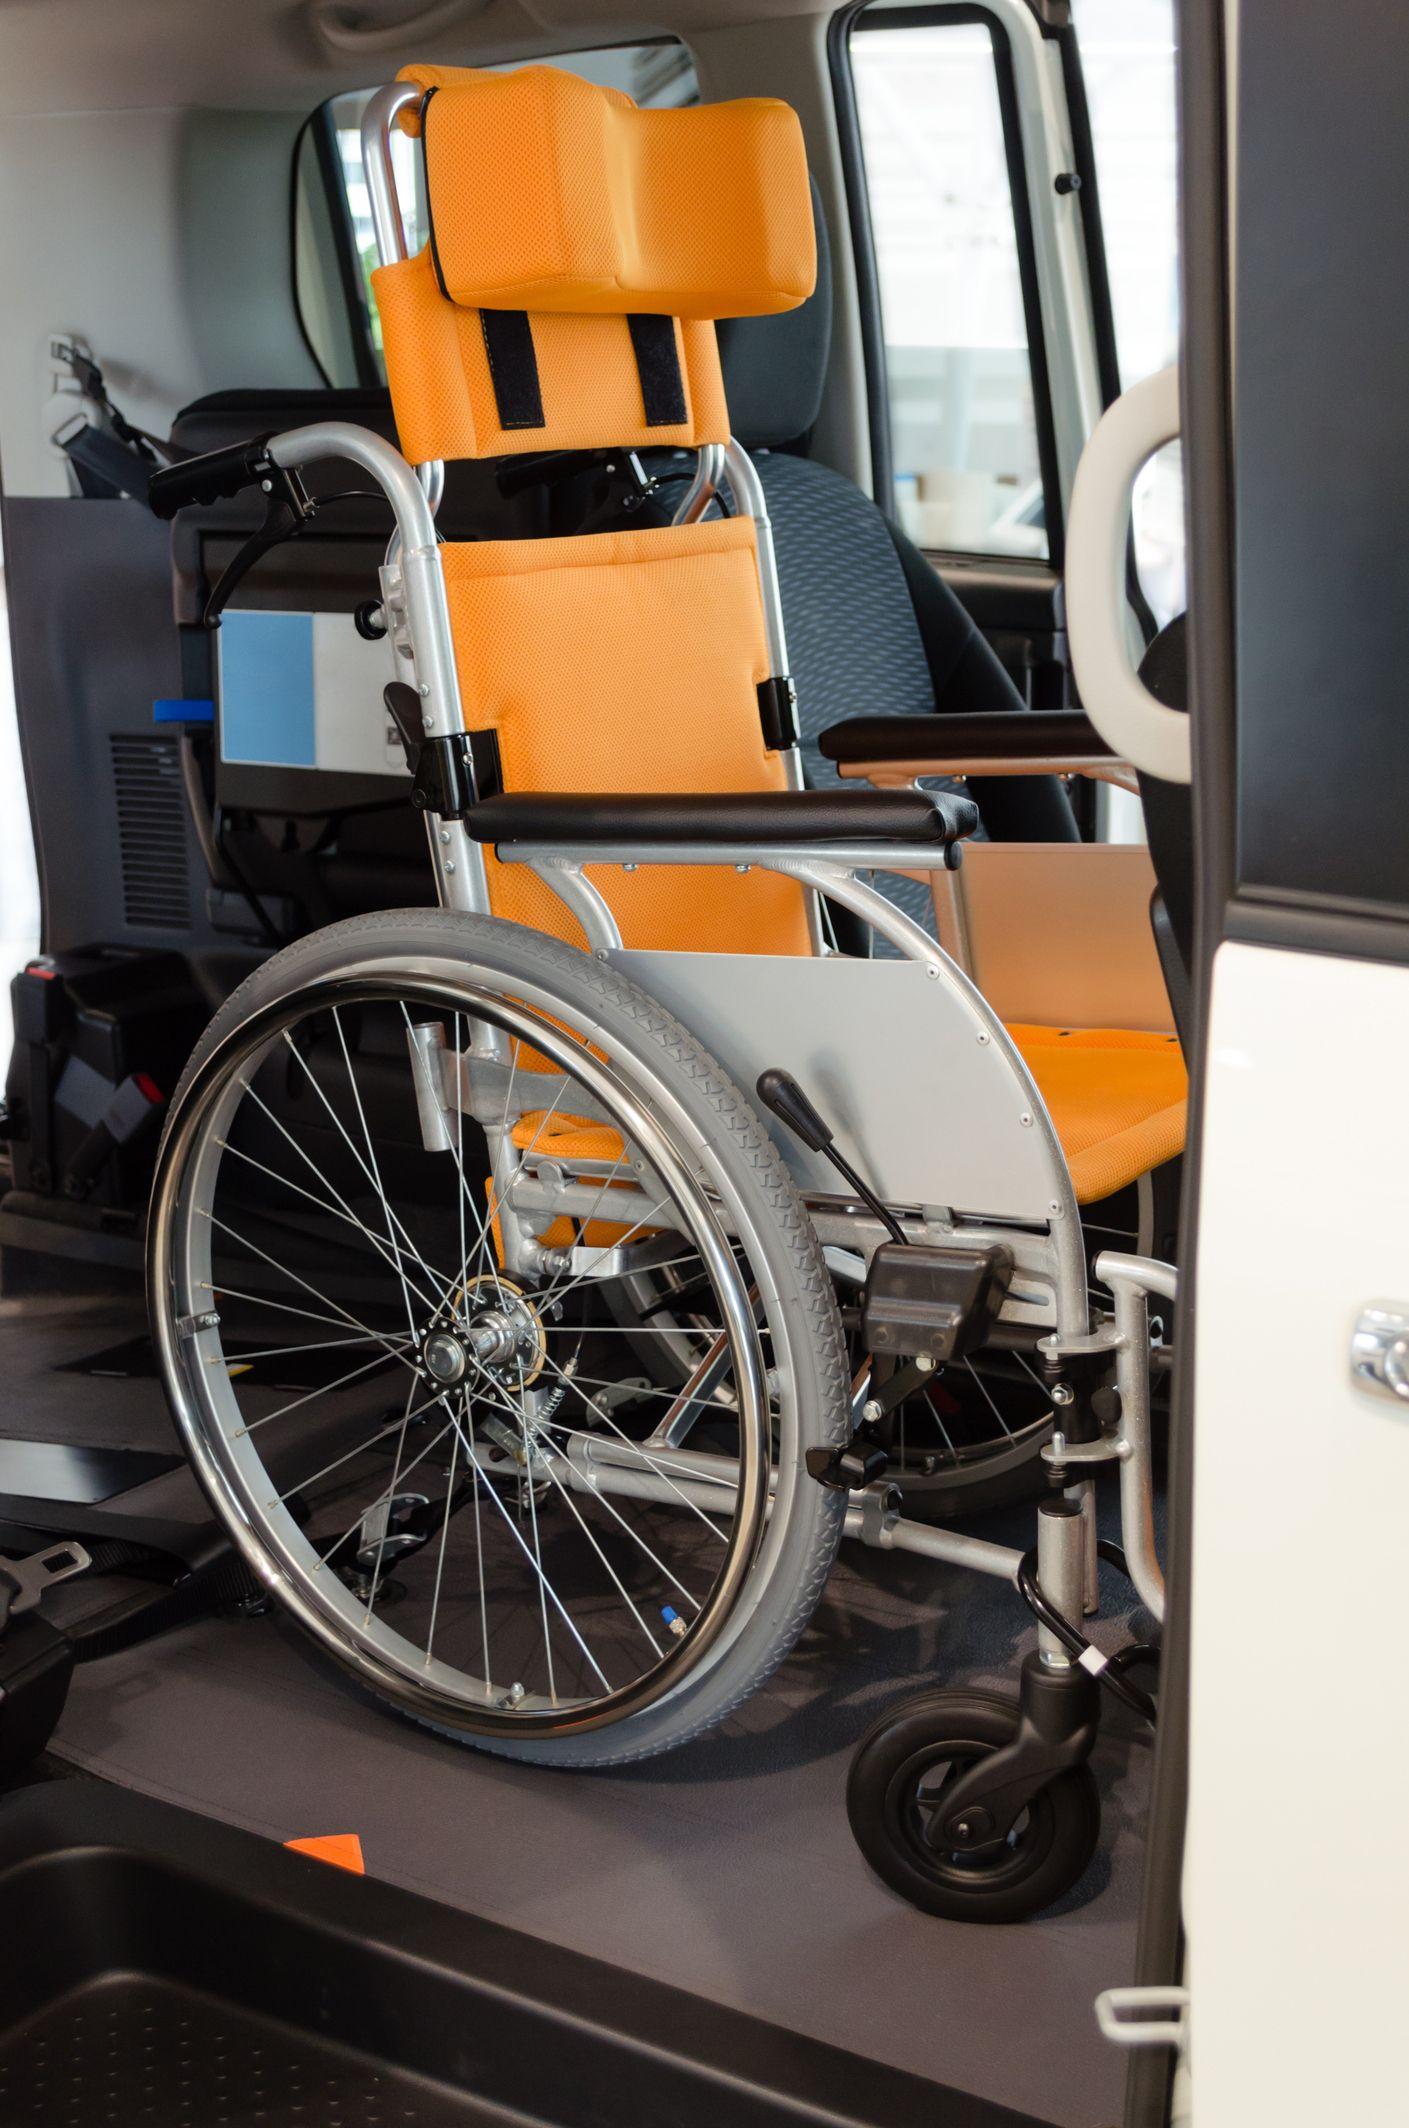 Voiture spéciale pour transporter fauteuil roulant